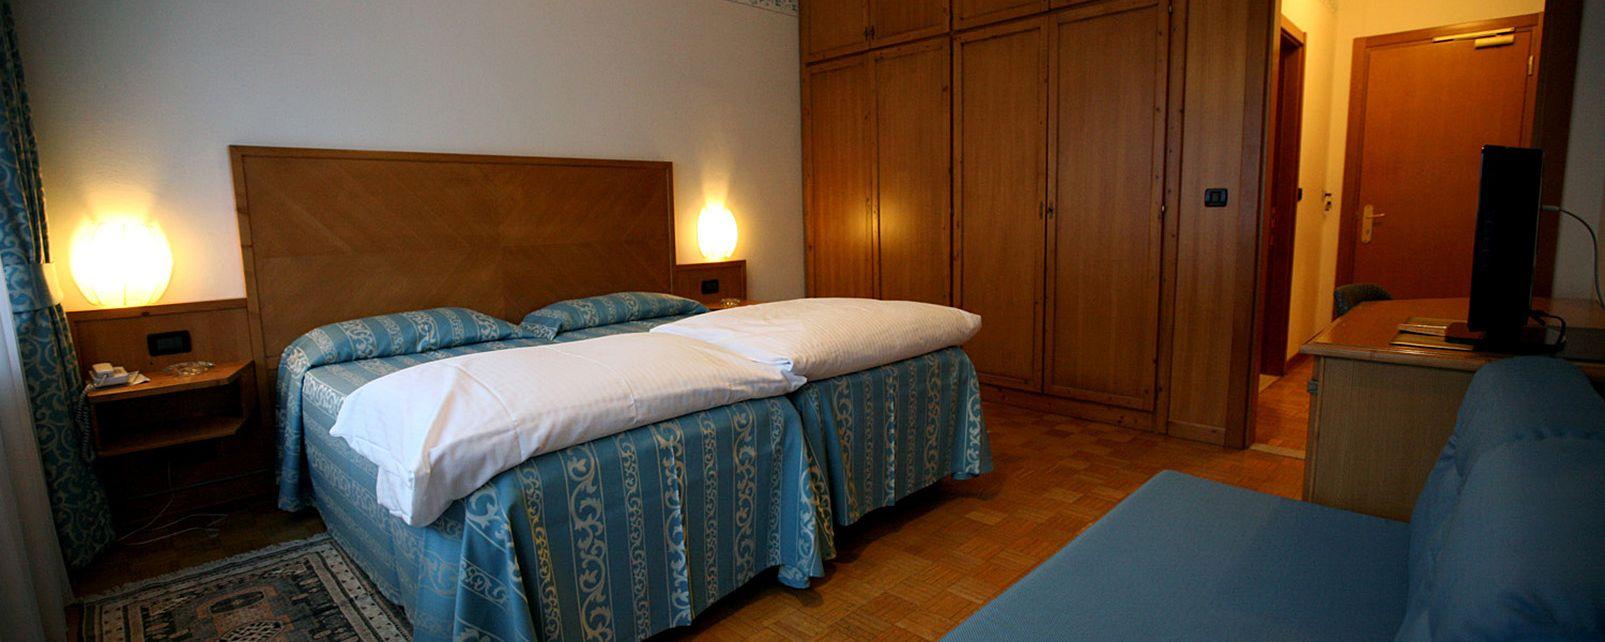 Hôtel Milano